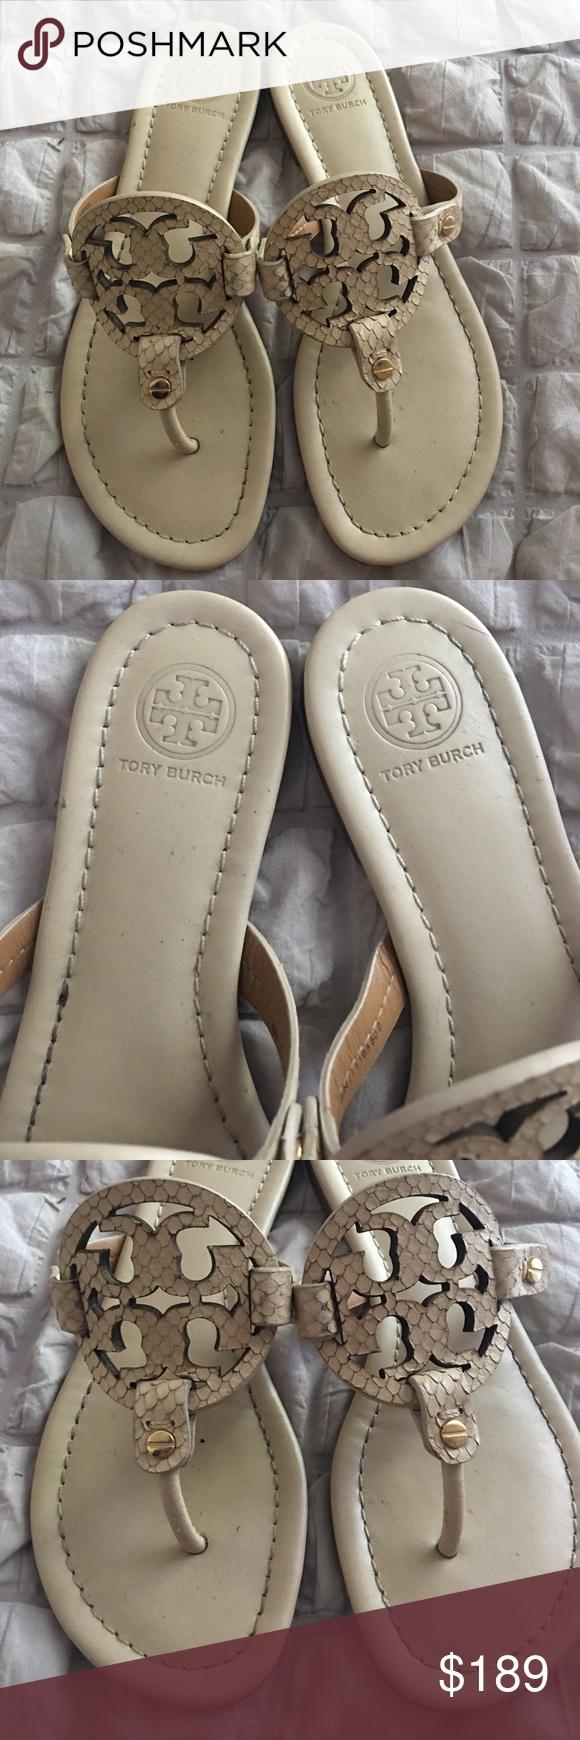 32b2456570e8 Tory Burch Dulce De Leche Miller Sandals 6.5 M Tory Burch Millers in a size  6.5